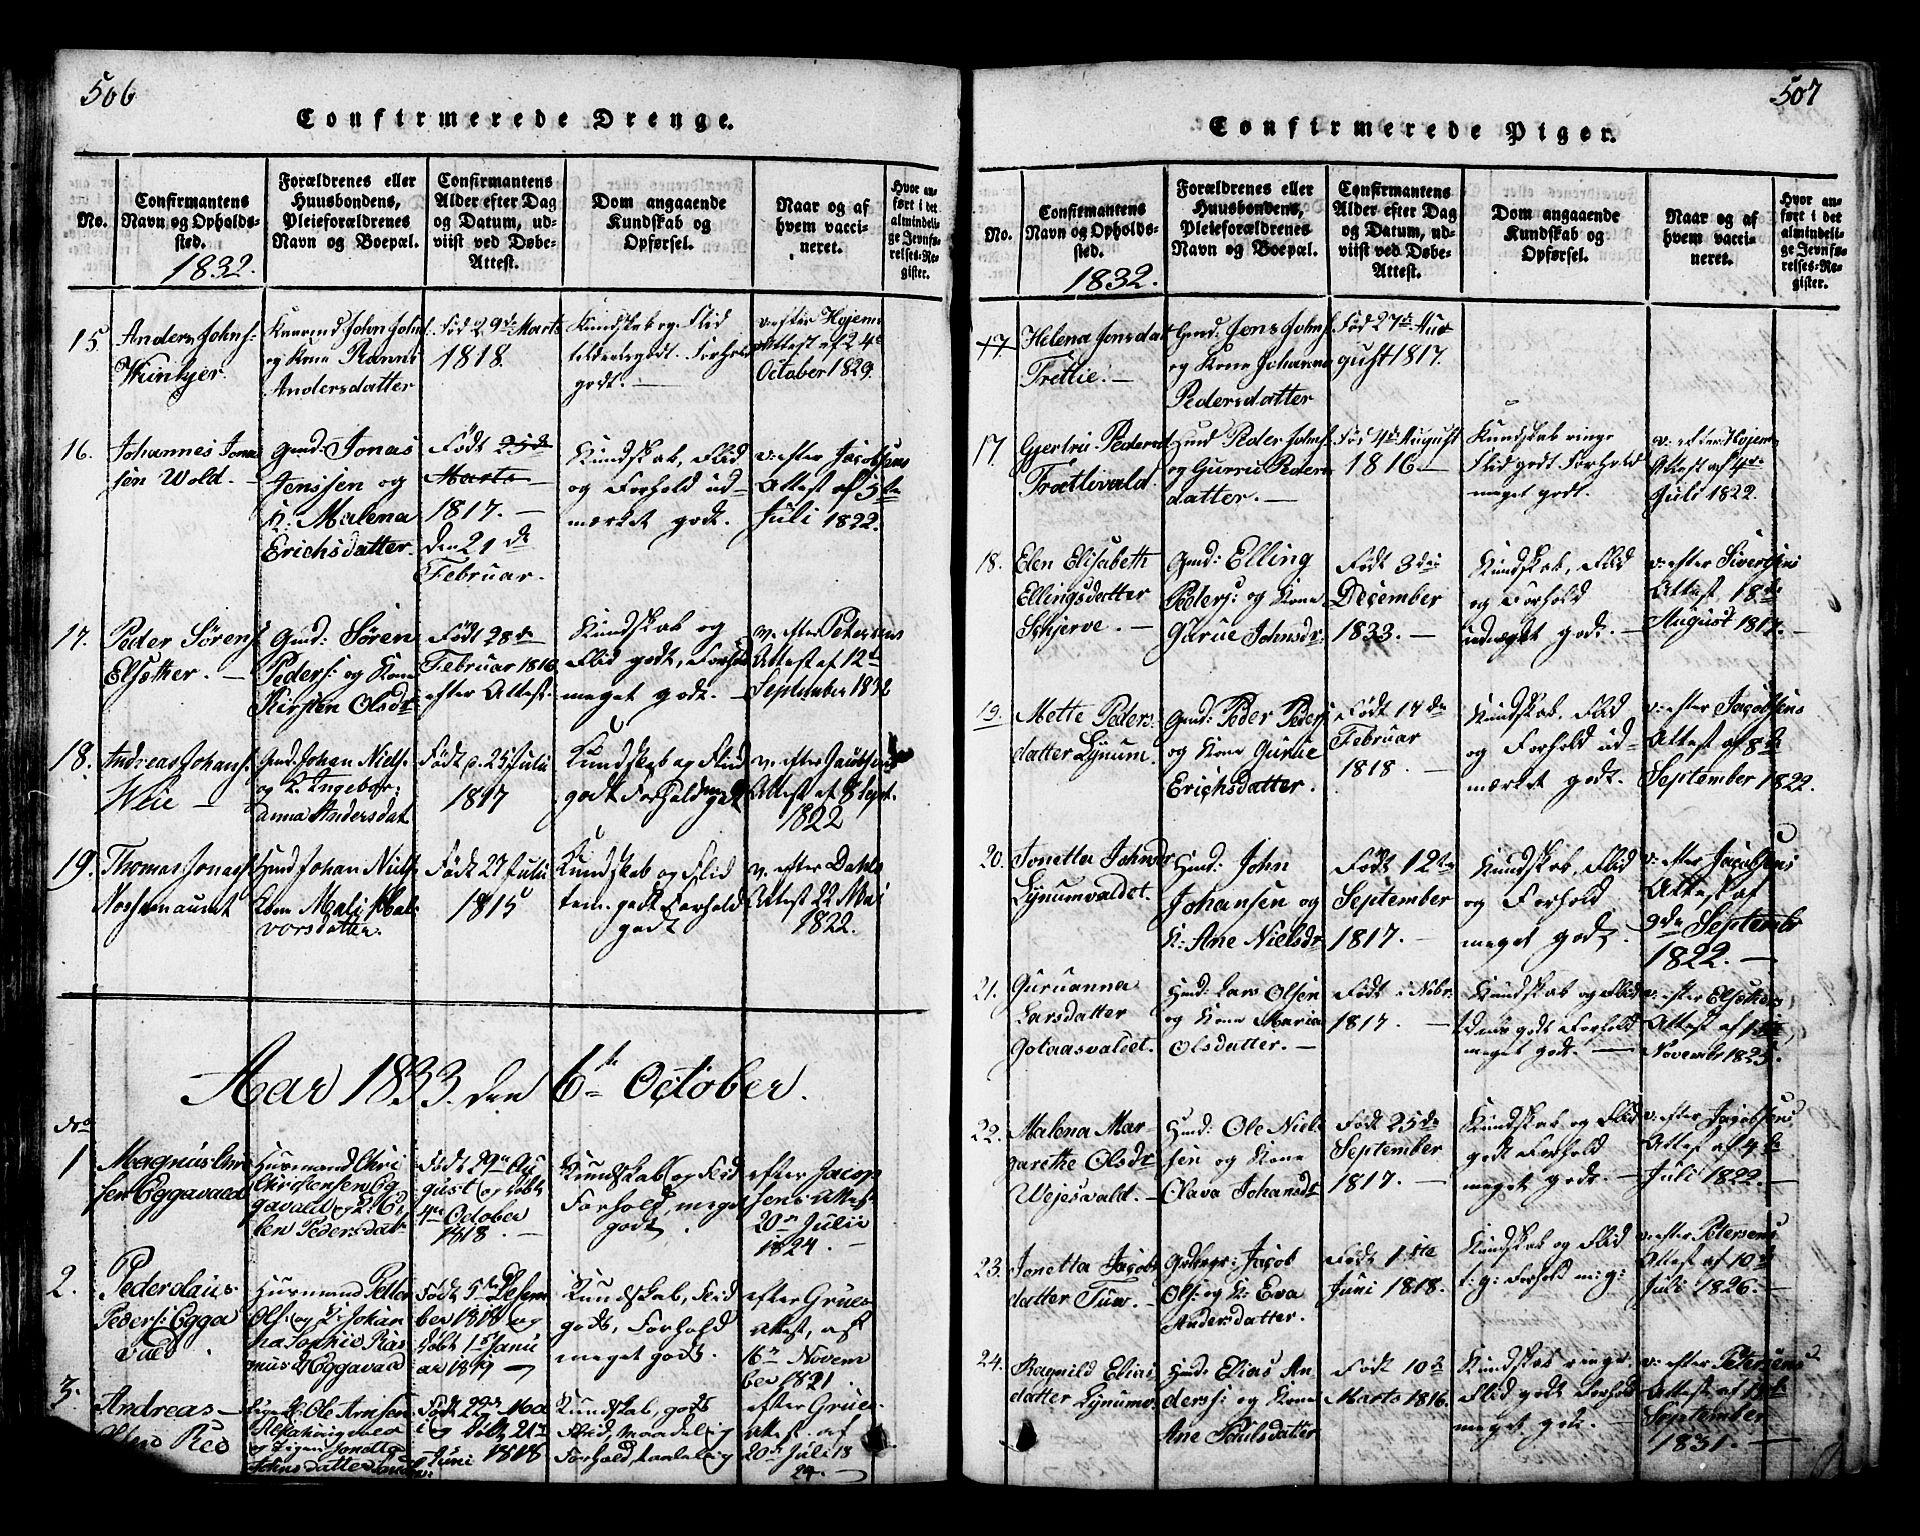 SAT, Ministerialprotokoller, klokkerbøker og fødselsregistre - Nord-Trøndelag, 717/L0169: Klokkerbok nr. 717C01, 1816-1834, s. 506-507